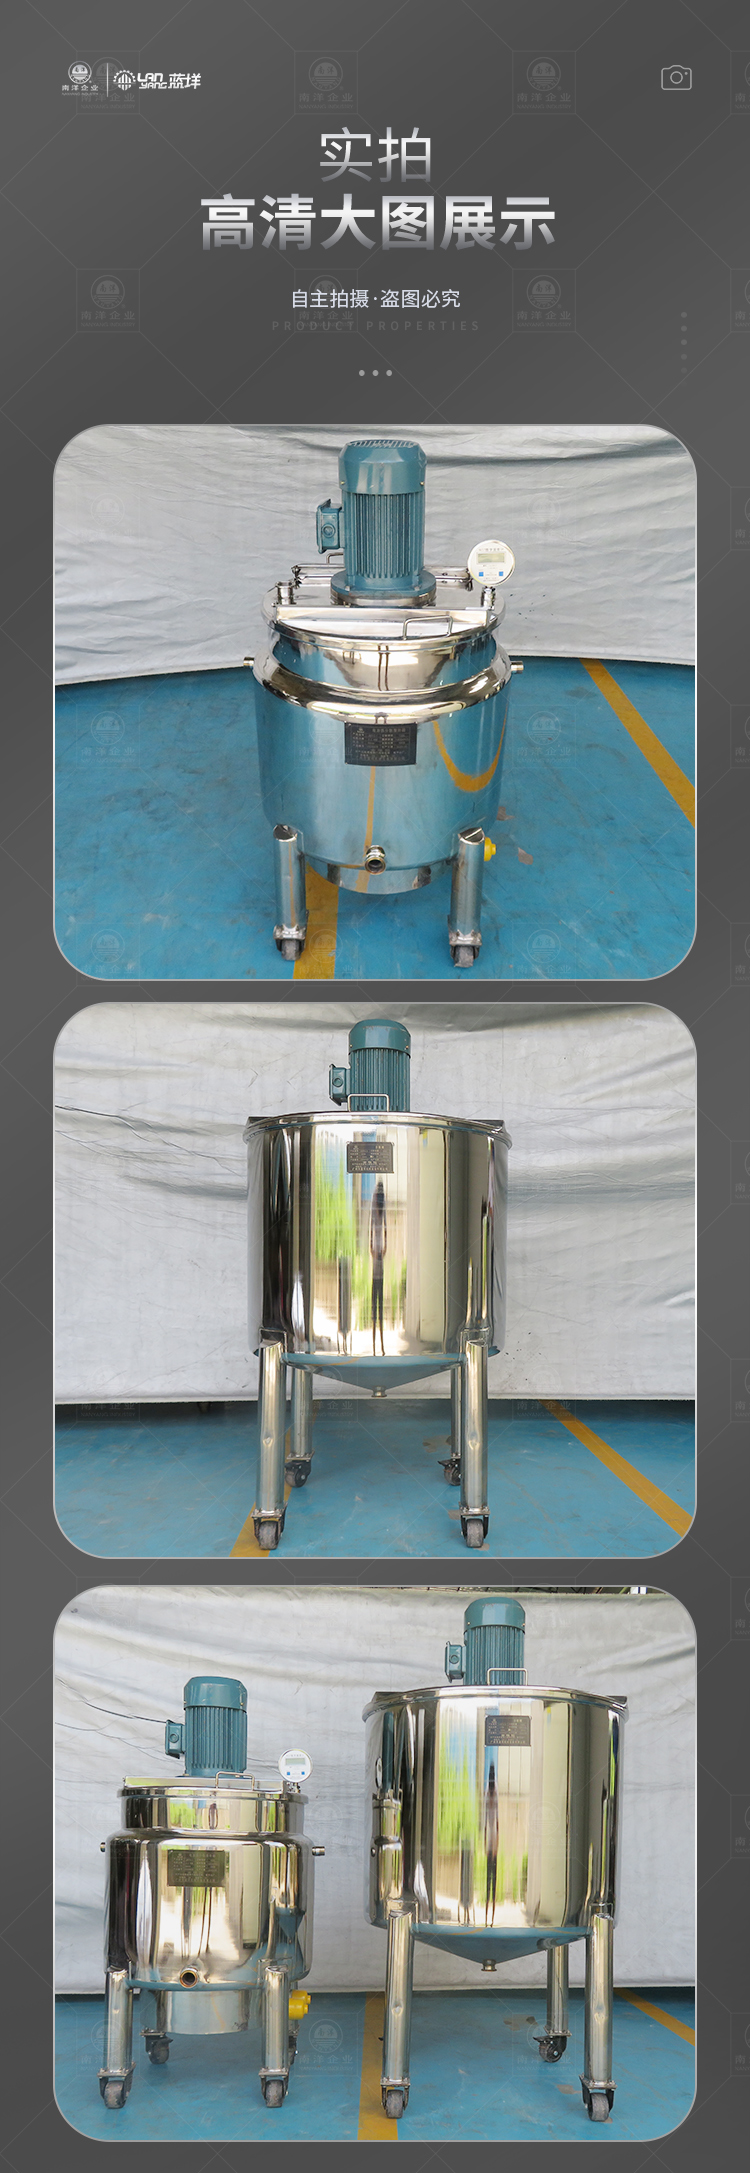 南洋搅拌桶-电加热分散桶_12.jpg